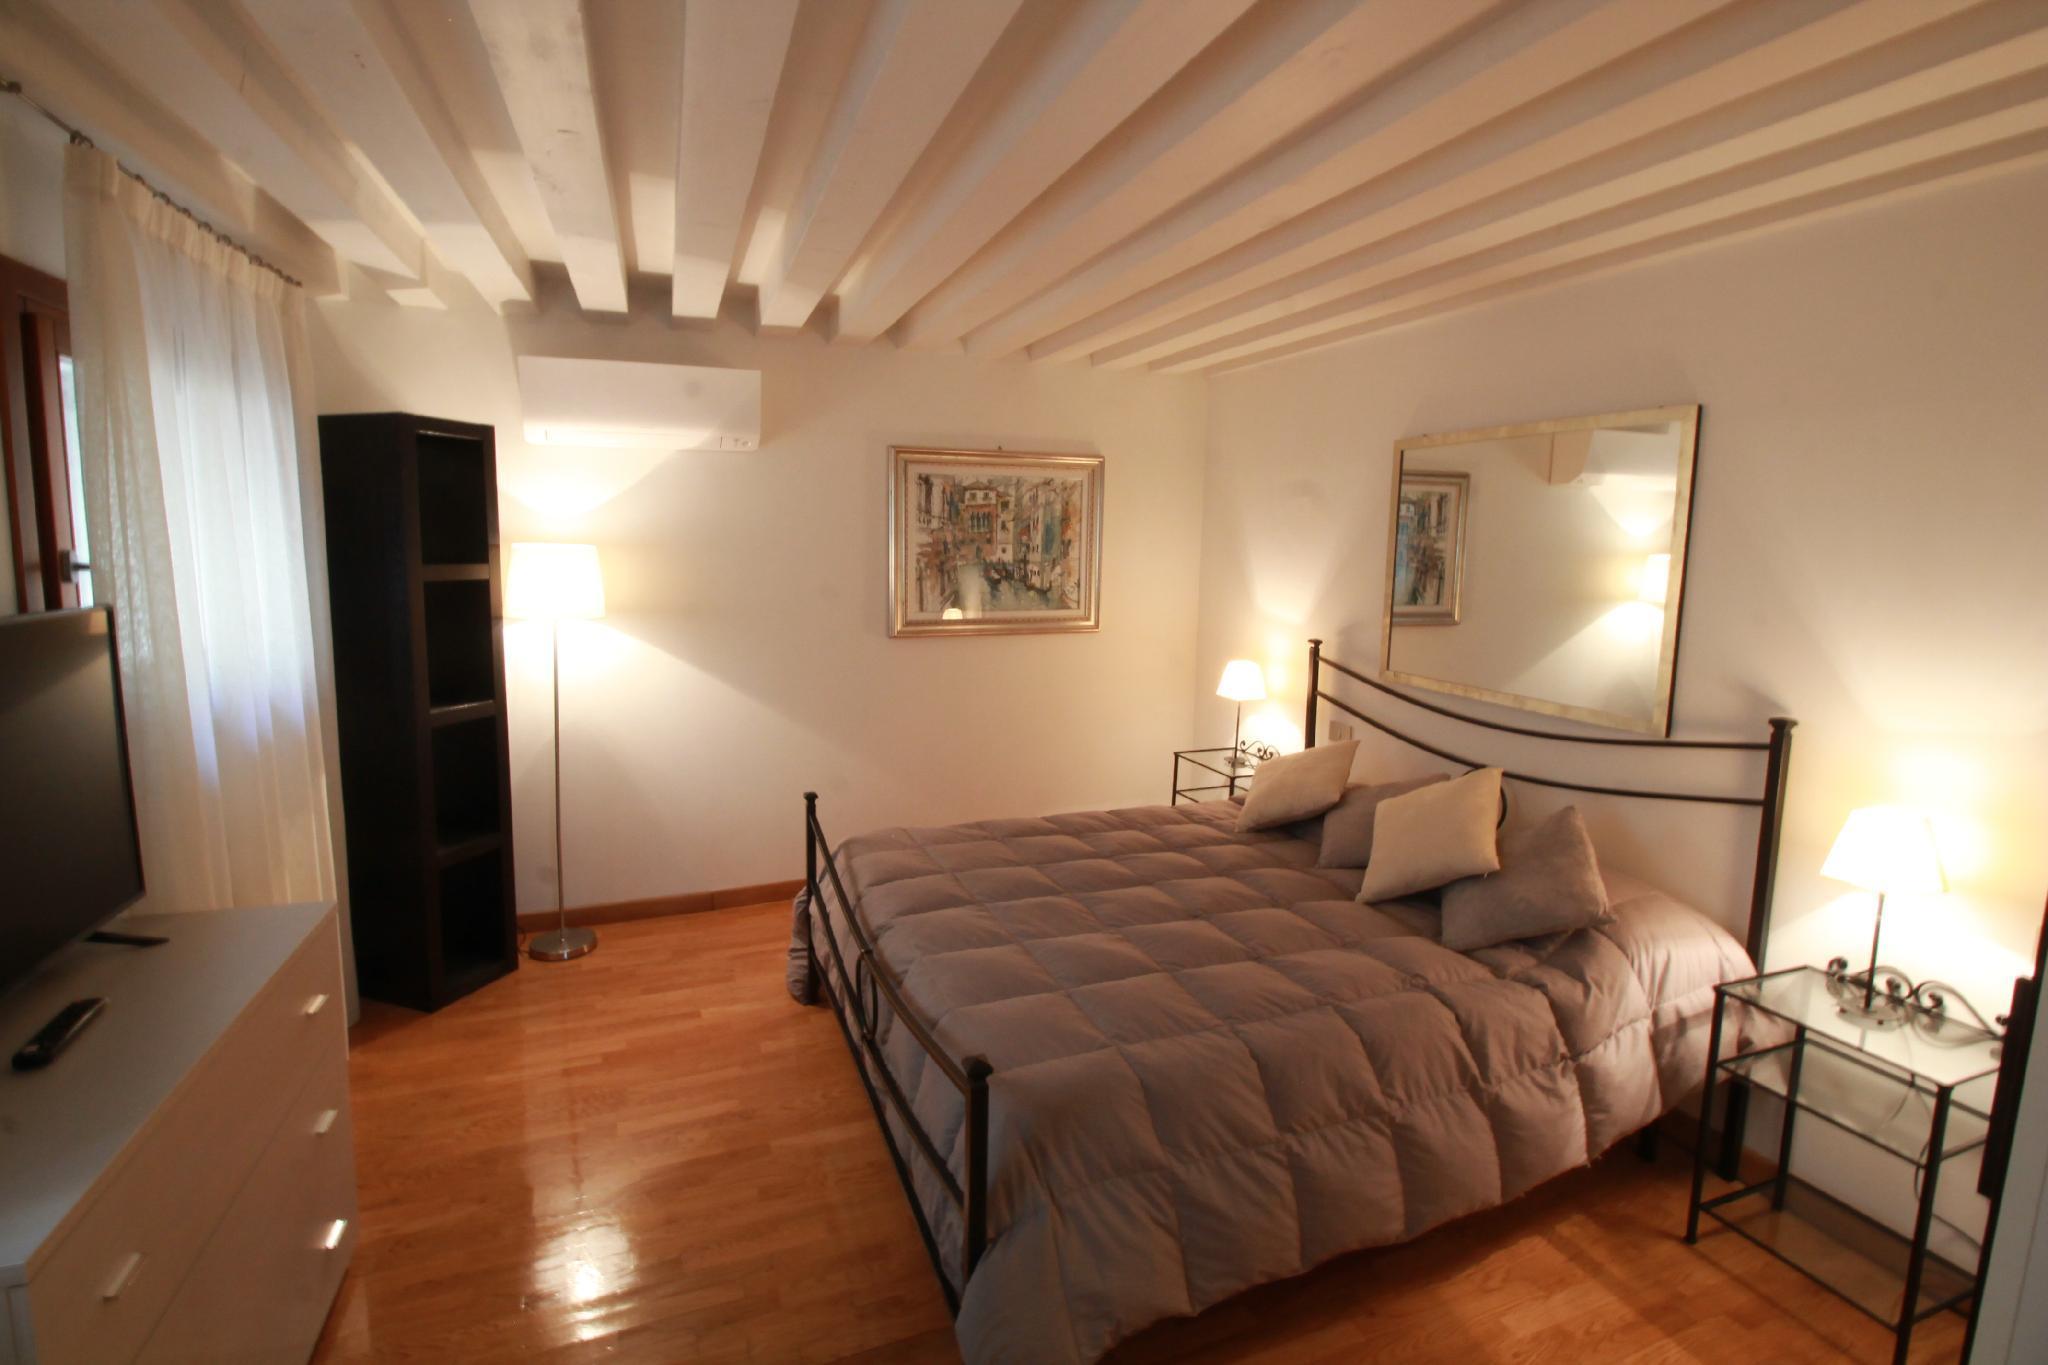 San Marco Canal View Music apartmen (M027042494)